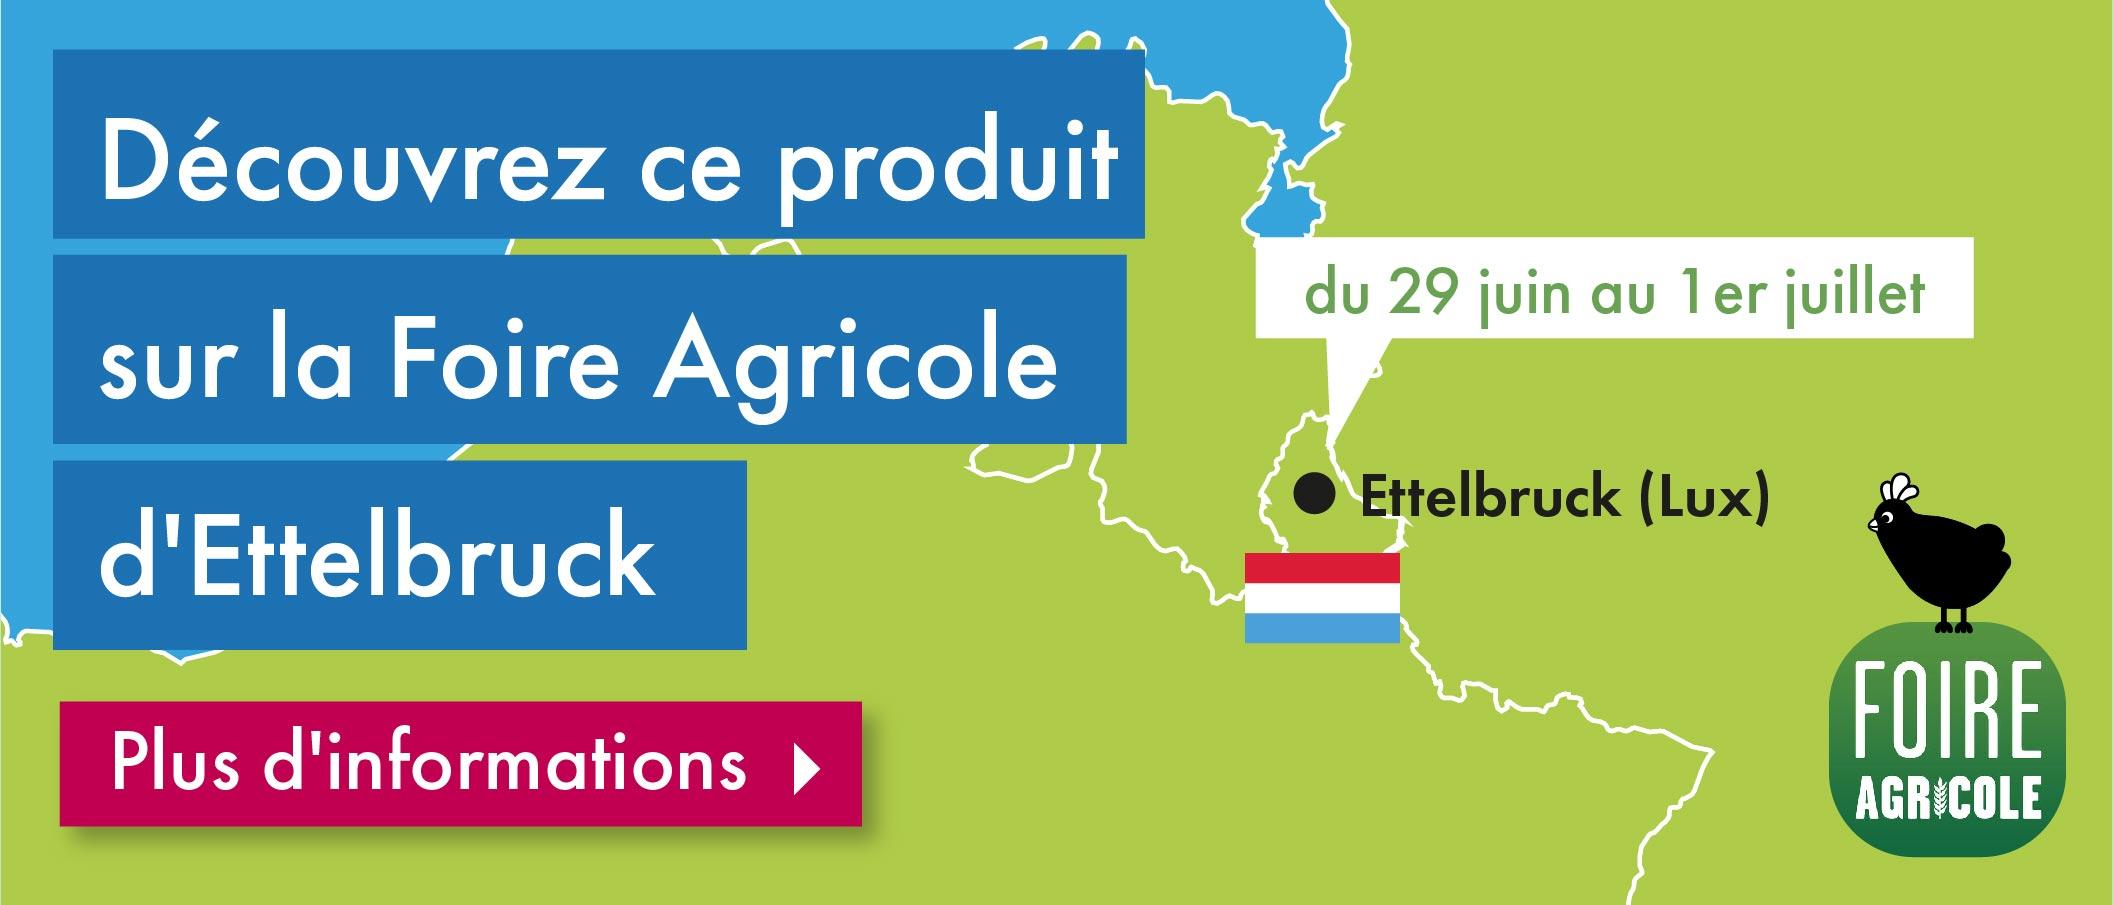 Rencontrez Omlet sur la Foire agricole d'Ettelbruck (Luxembourg) les 29, 30 Juin & 1 Juillet